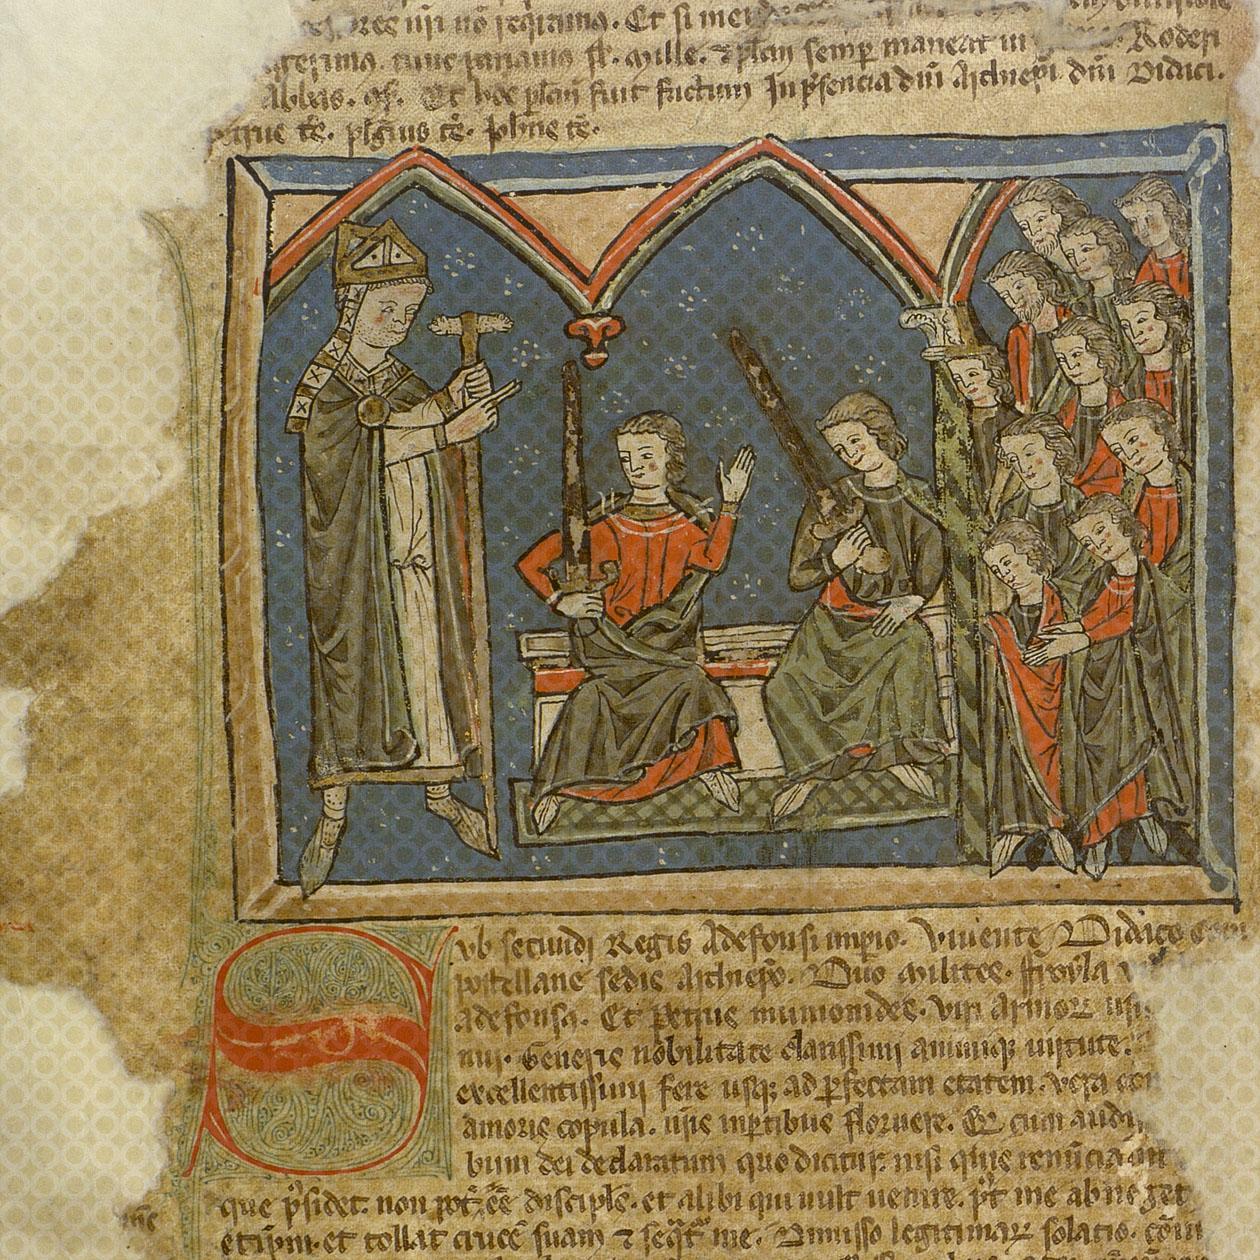 El báculo y la ballesta. Diego Gelmírez (1065-1140), de Ermelindo Portela